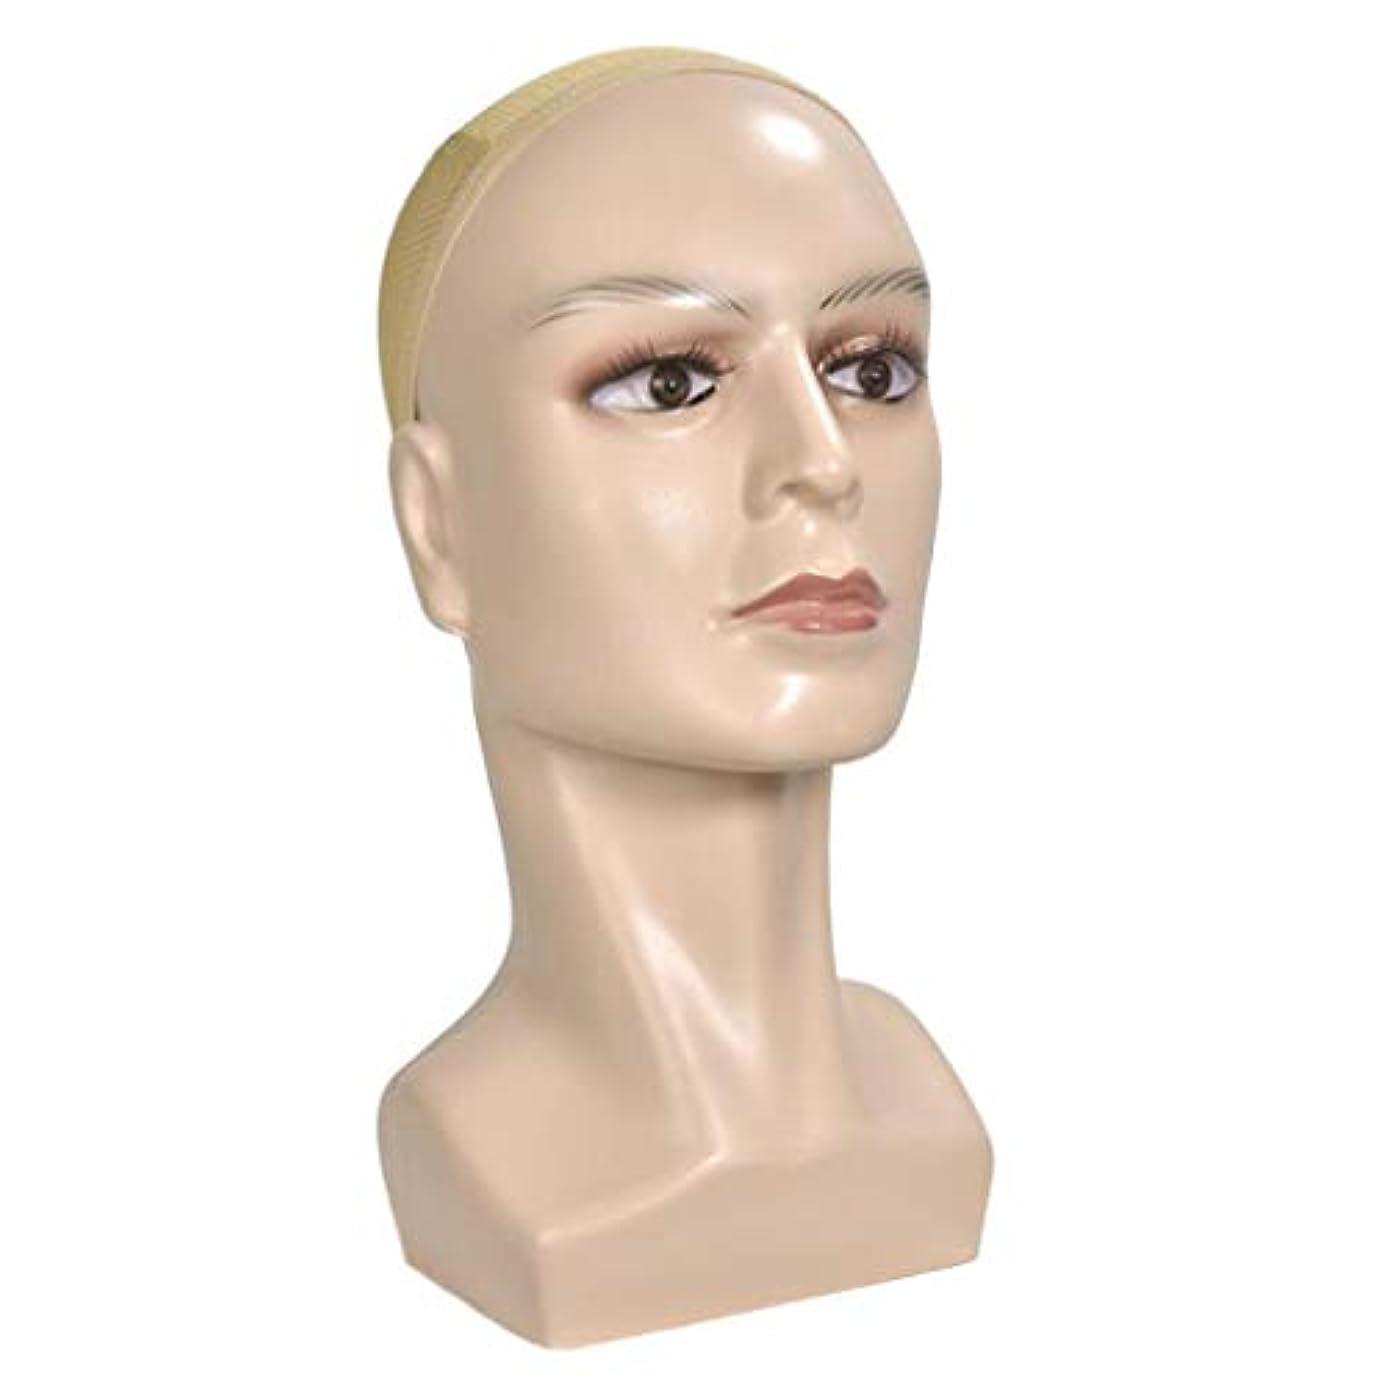 シリーズ購入重要CUTICATE マネキンヘッド ディスプレイ メイクトレーニング 化粧 美容 店舗 自宅 サロン 全2色 - 肌の色